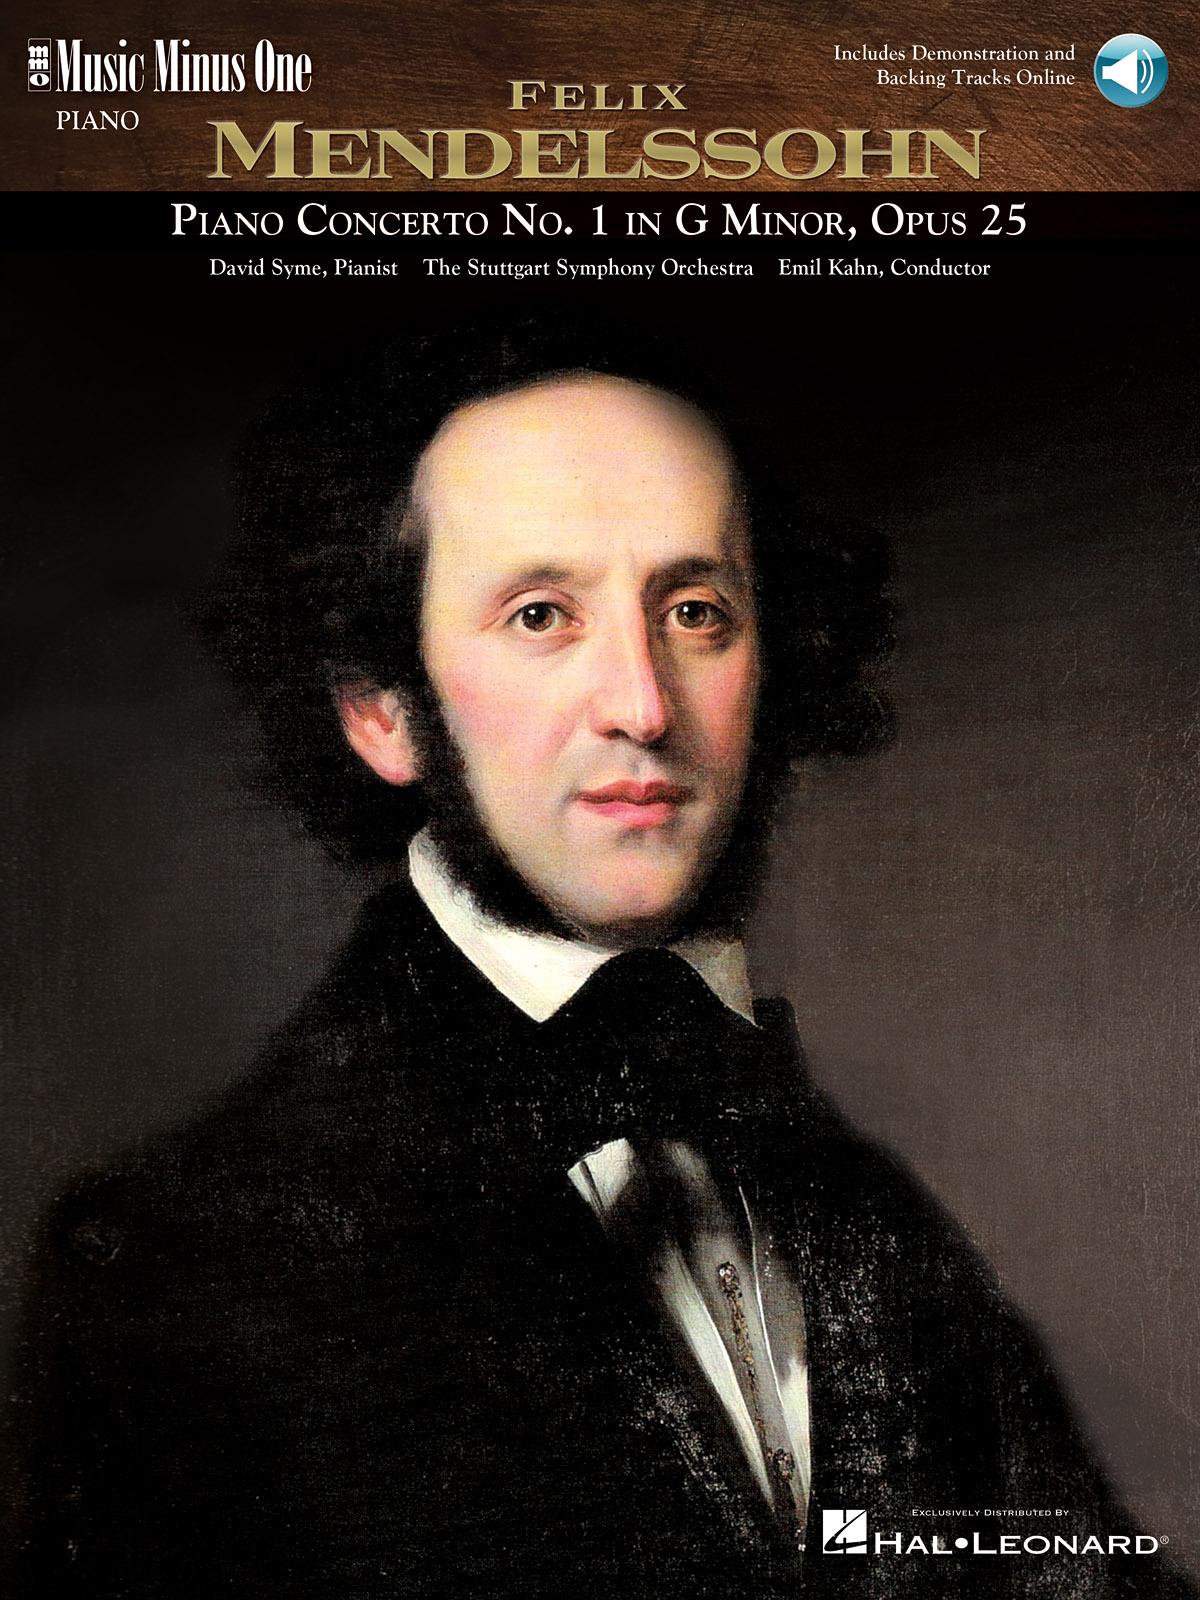 Felix Mendelssohn Bartholdy: Mendelssohn Concerto No. 1 in G Minor  Op. 25: